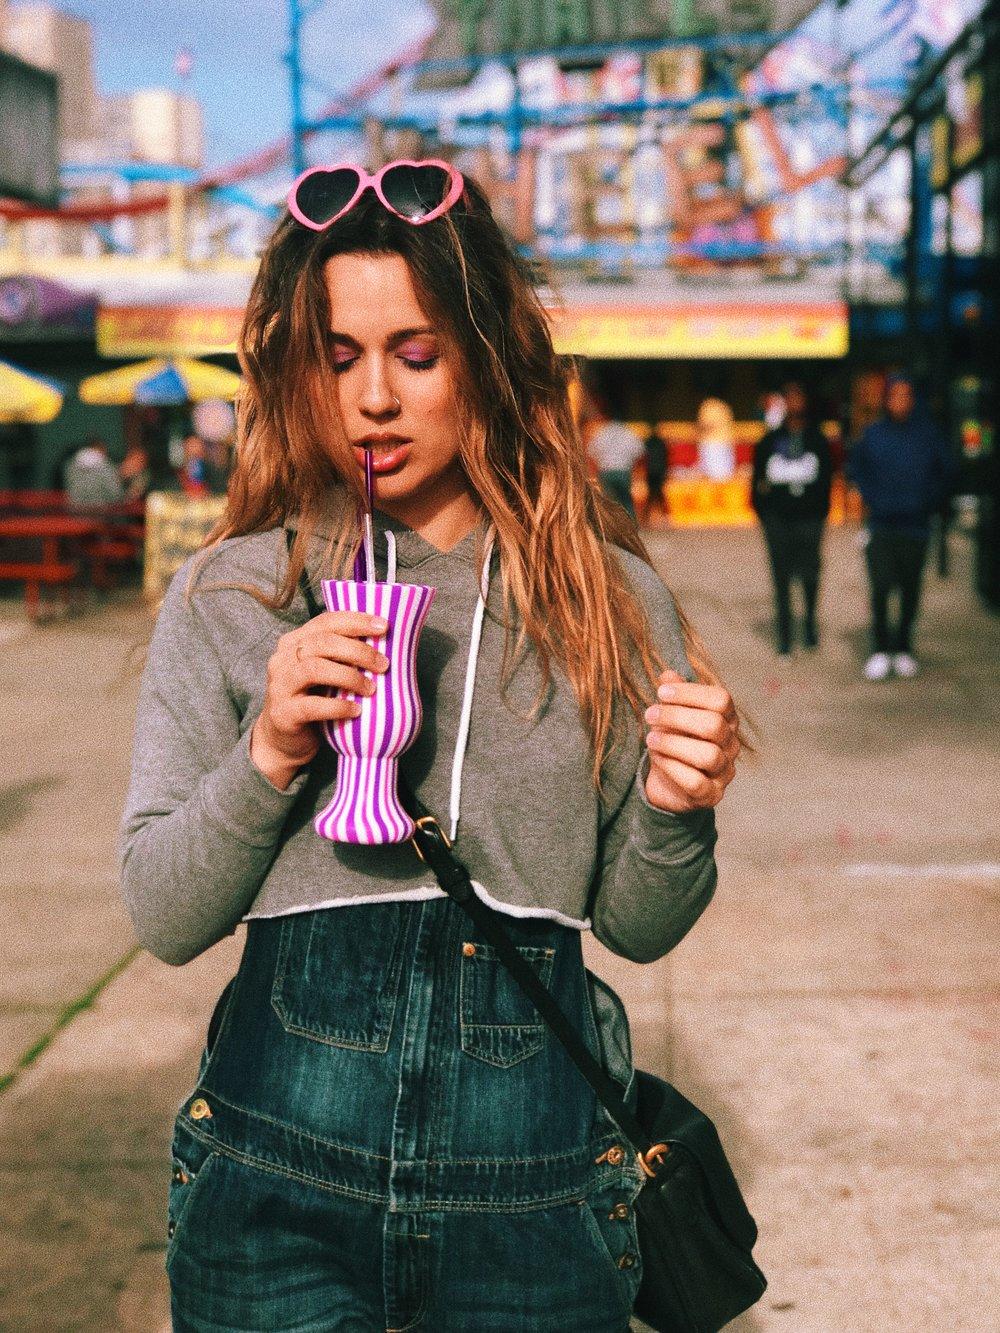 Kat Coney Island Sip